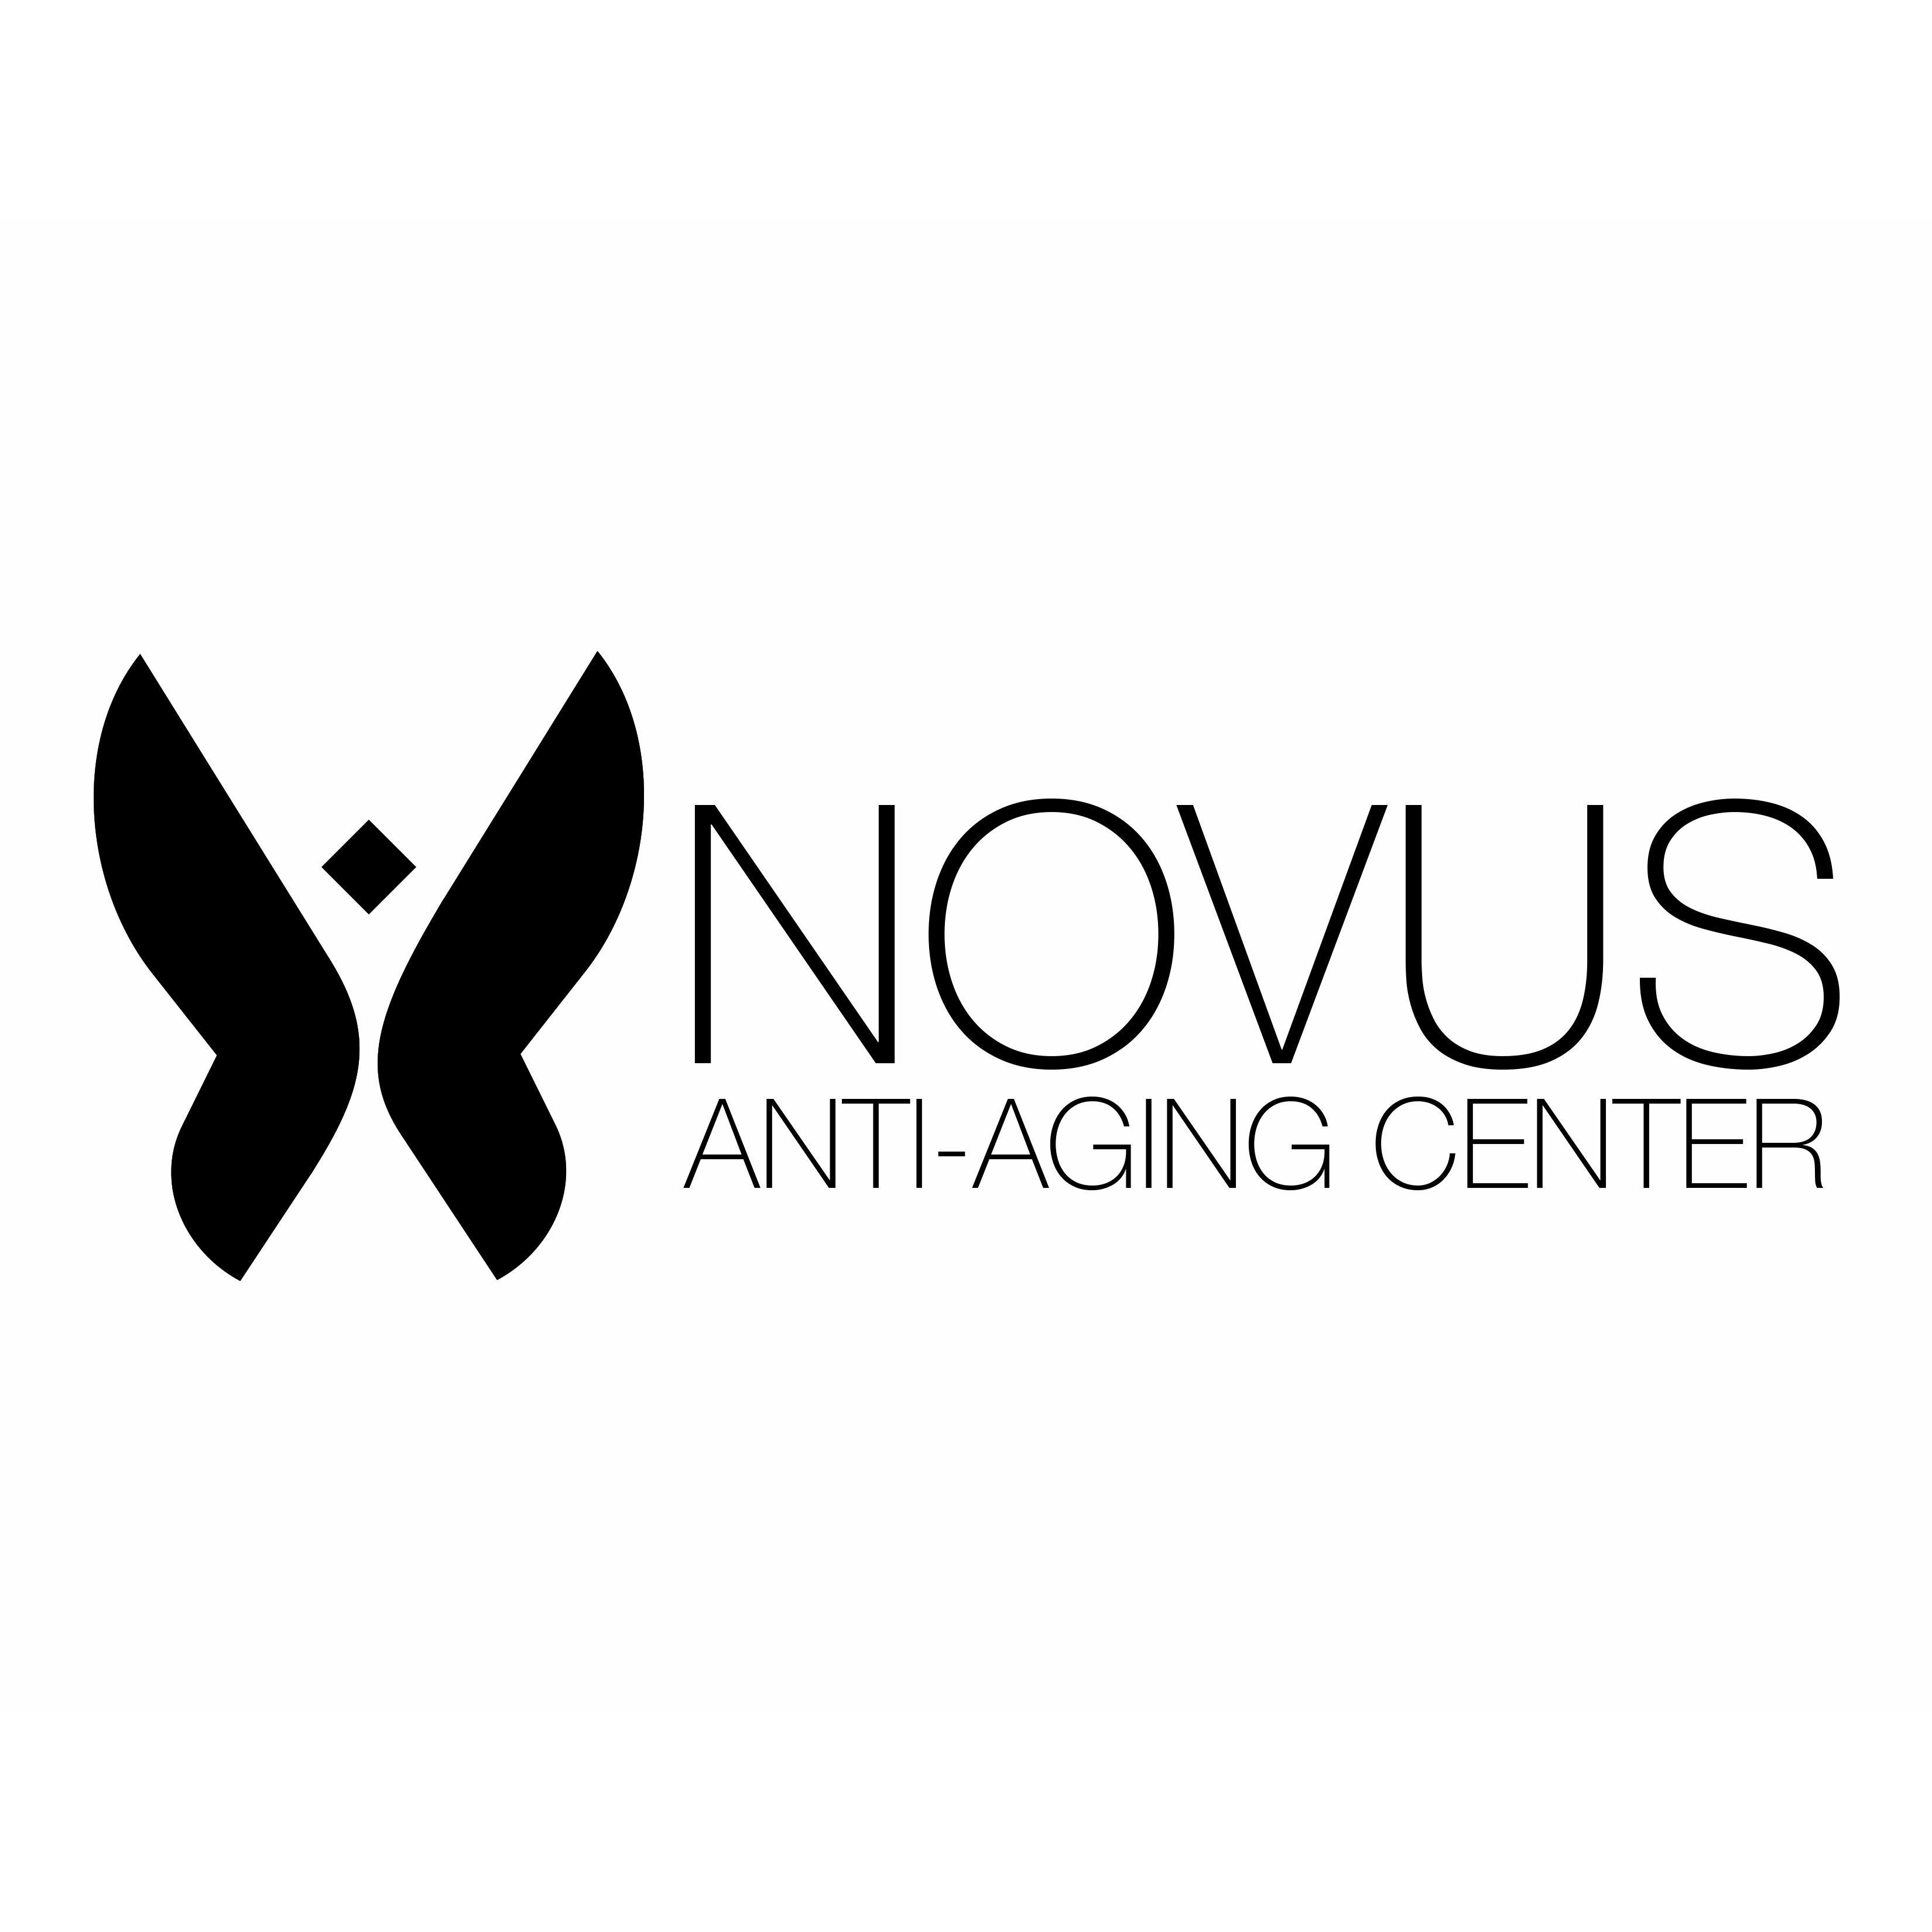 Novus Anti-Aging Center, Inc